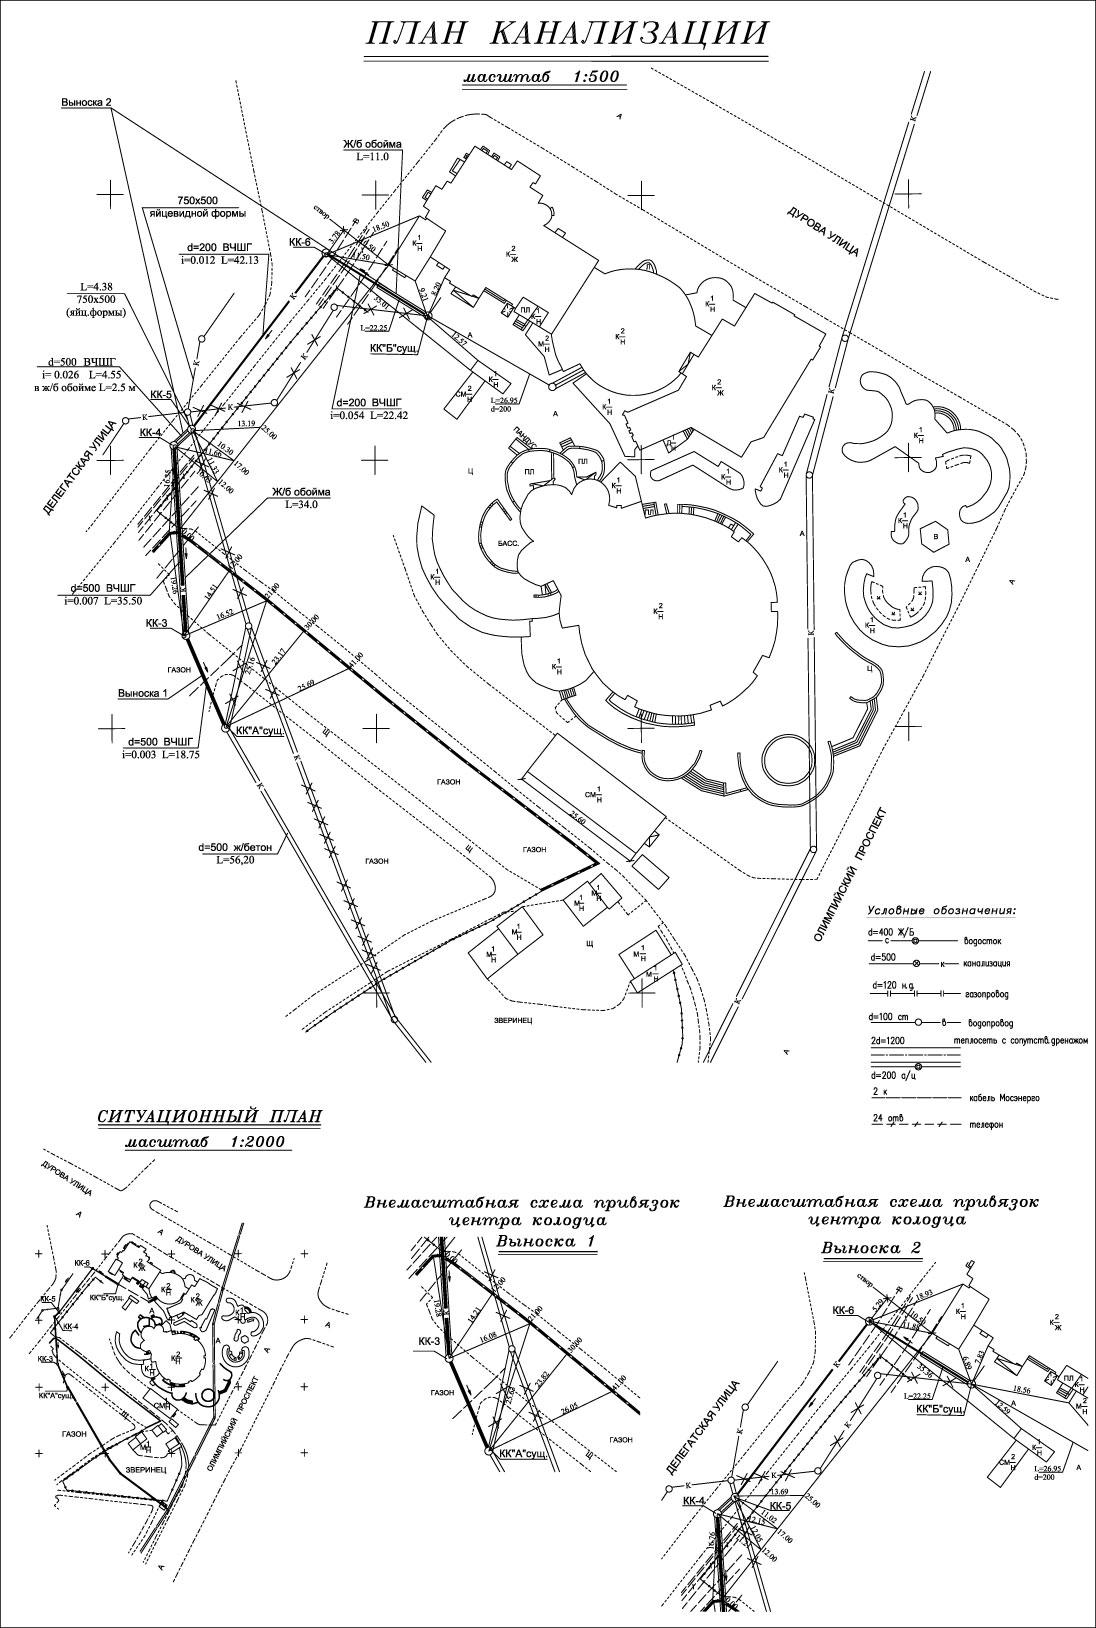 исполнительный чертеж и схема